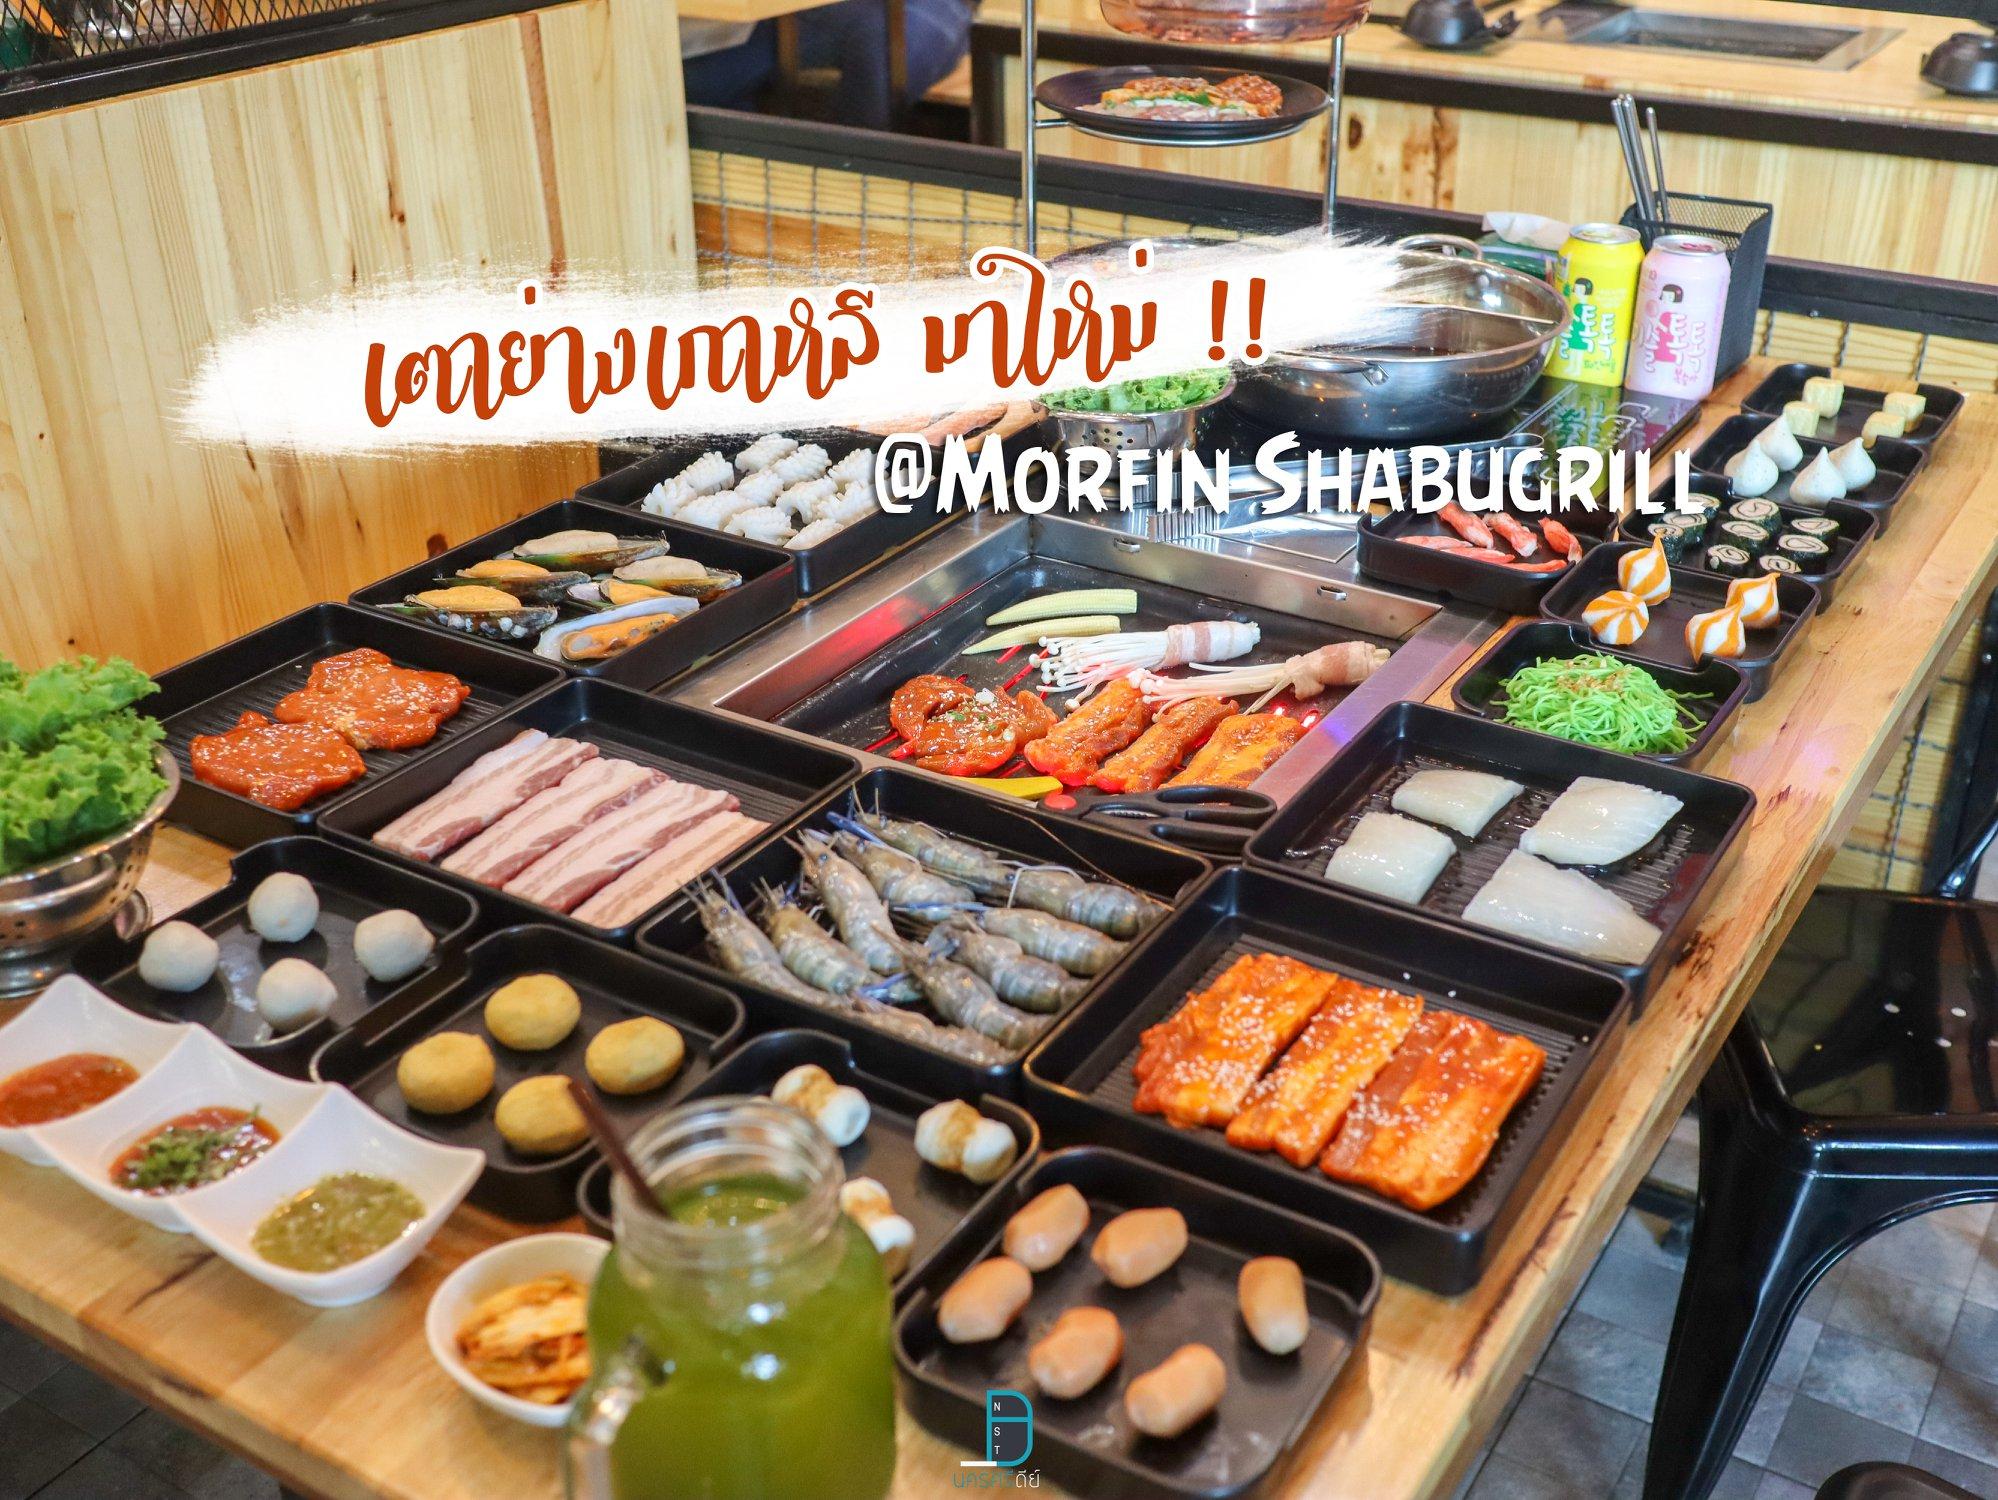 เตาย่างเกาหลี ปิ้งย่างชาบูนครศรีธรรมราช Morfin shabu grill at ibiz avenue